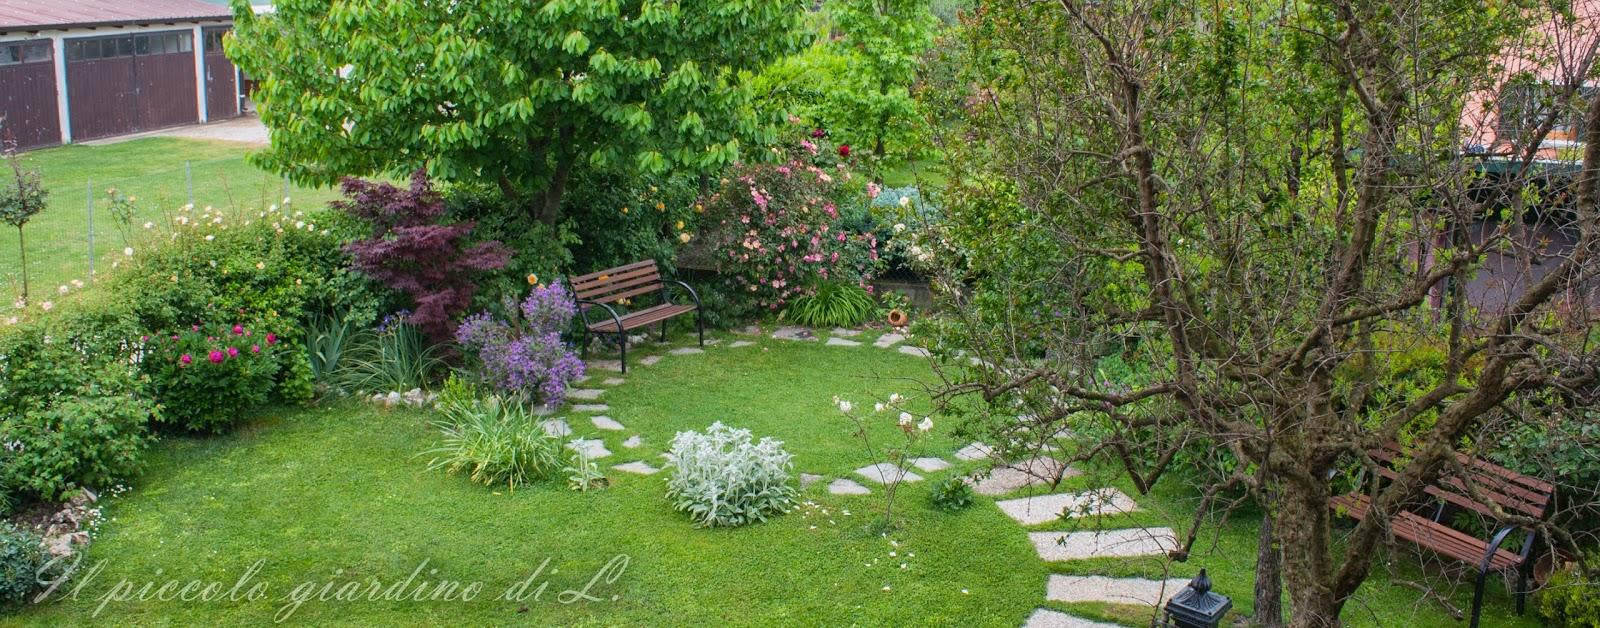 il piccolo giardino di l una visione d 39 insieme del mio